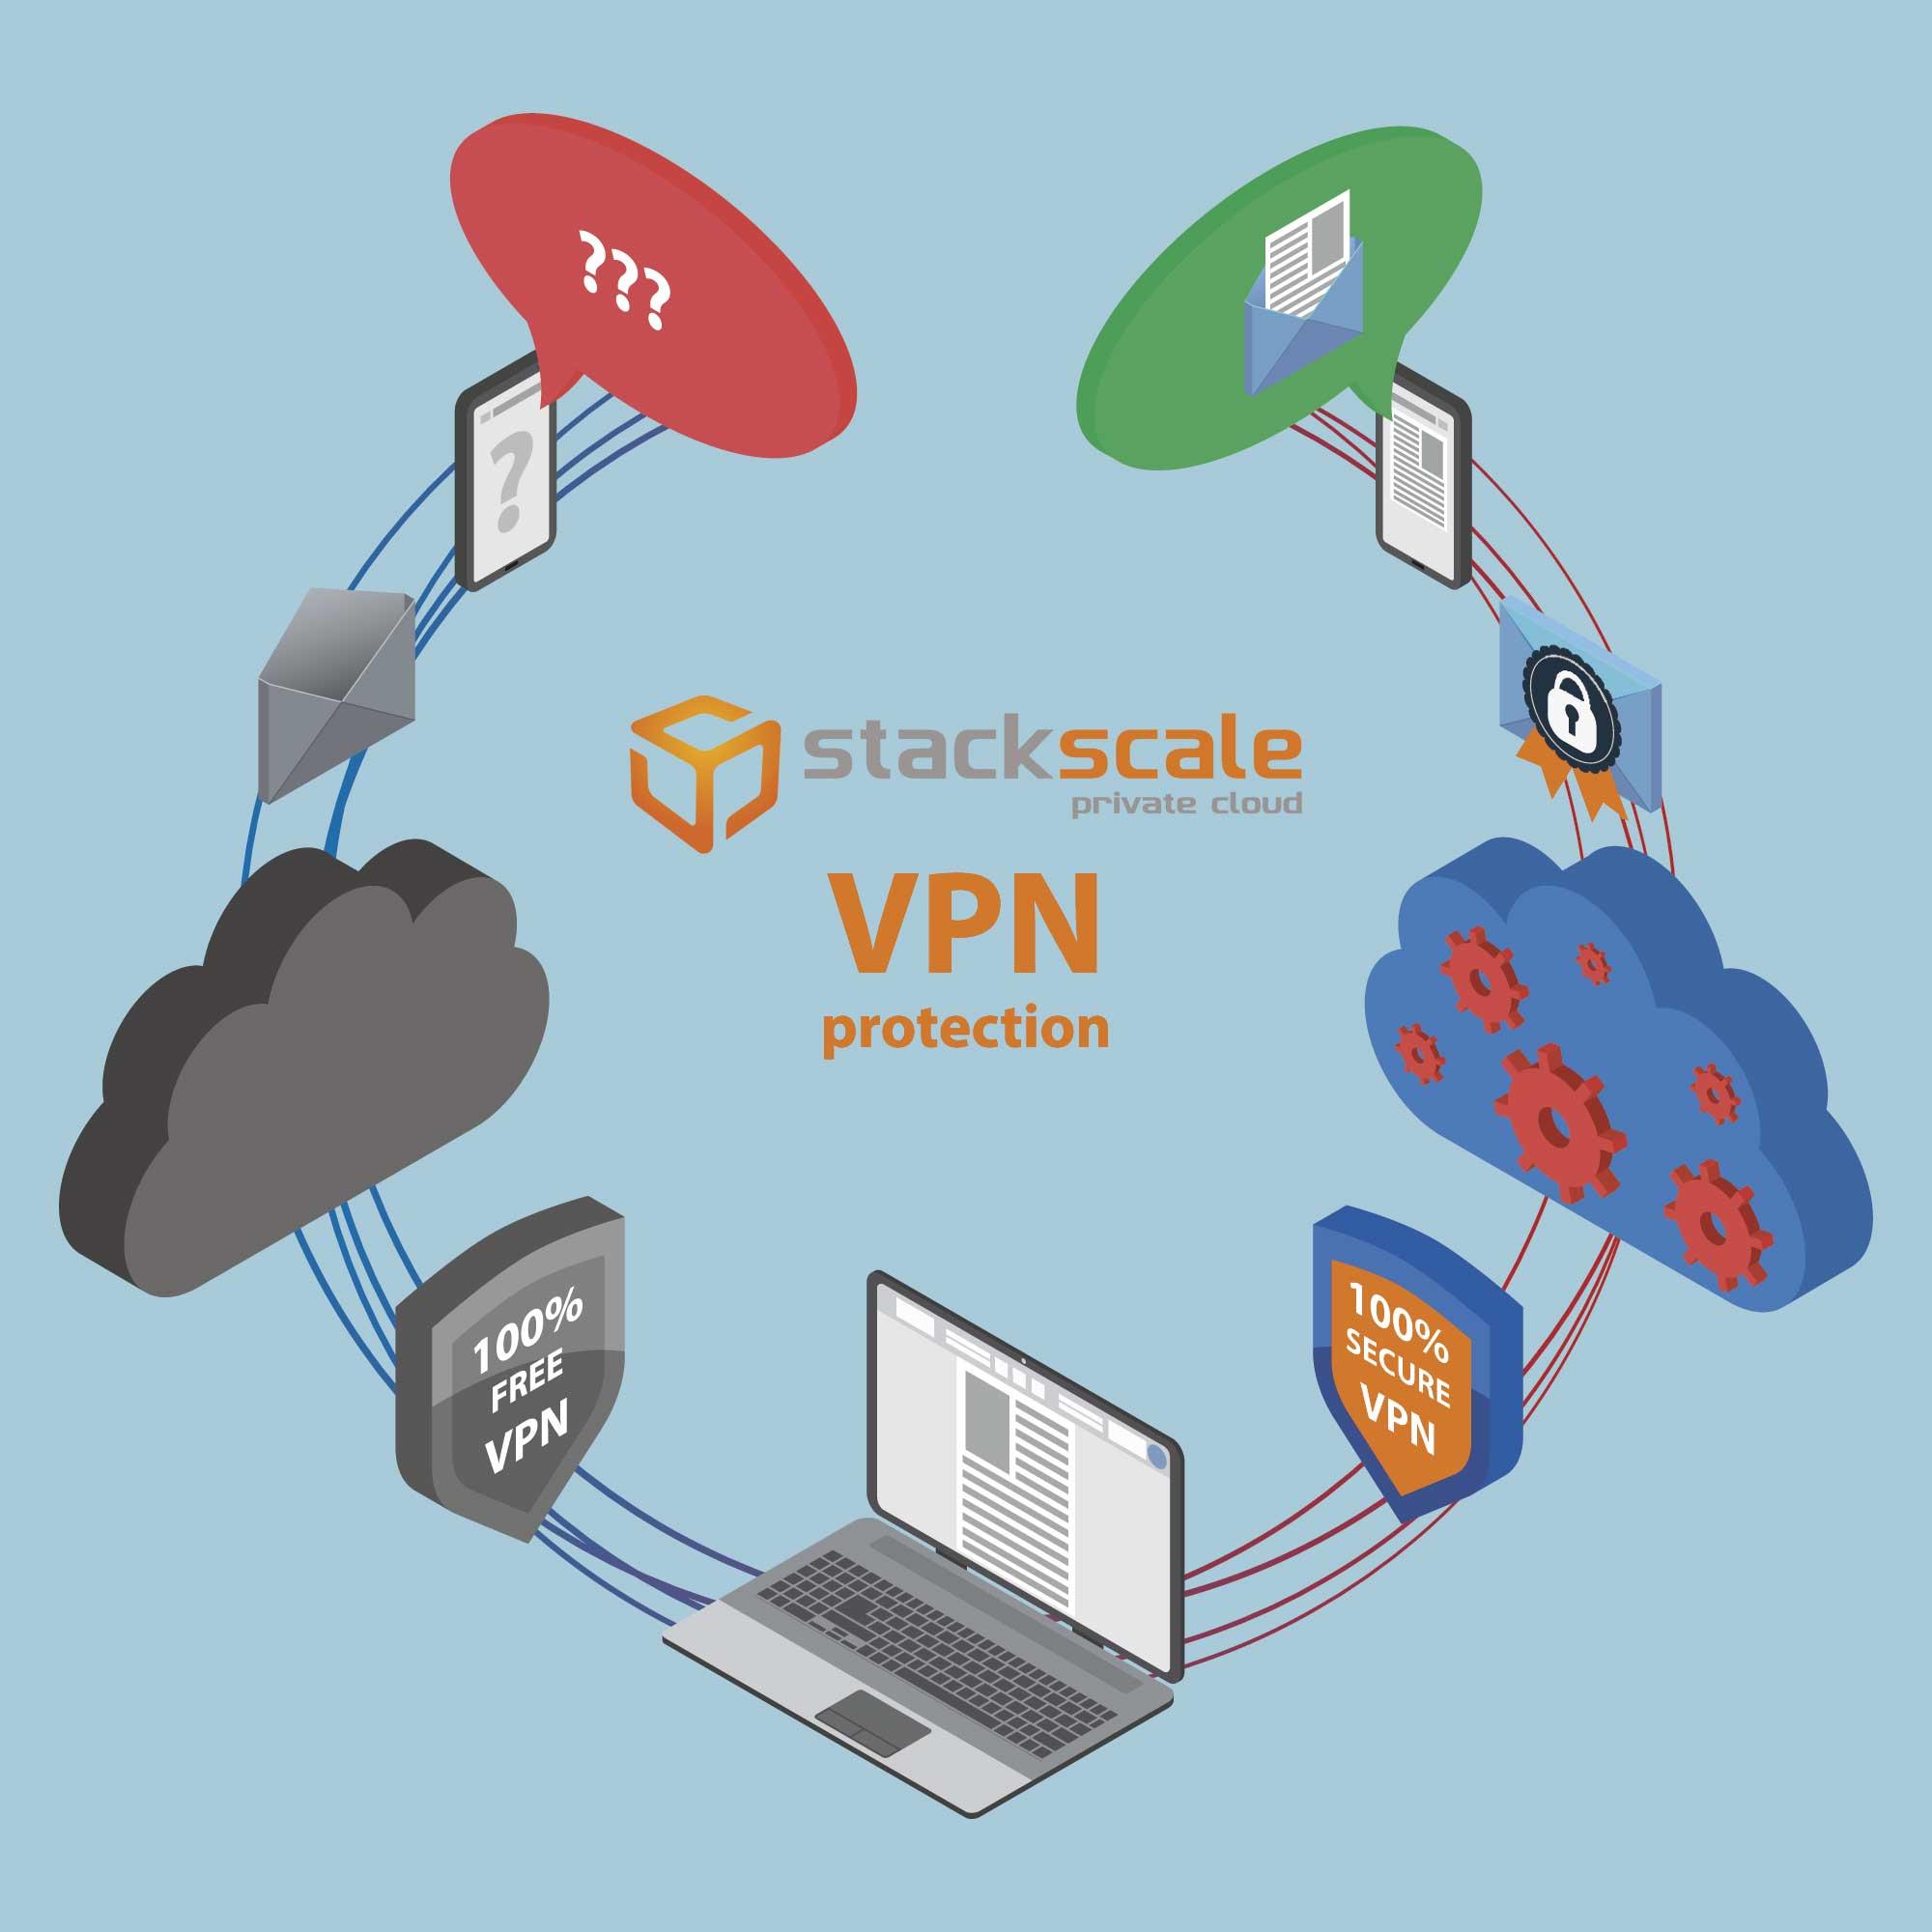 vpn-segura-y-cifrada-con-stackscale